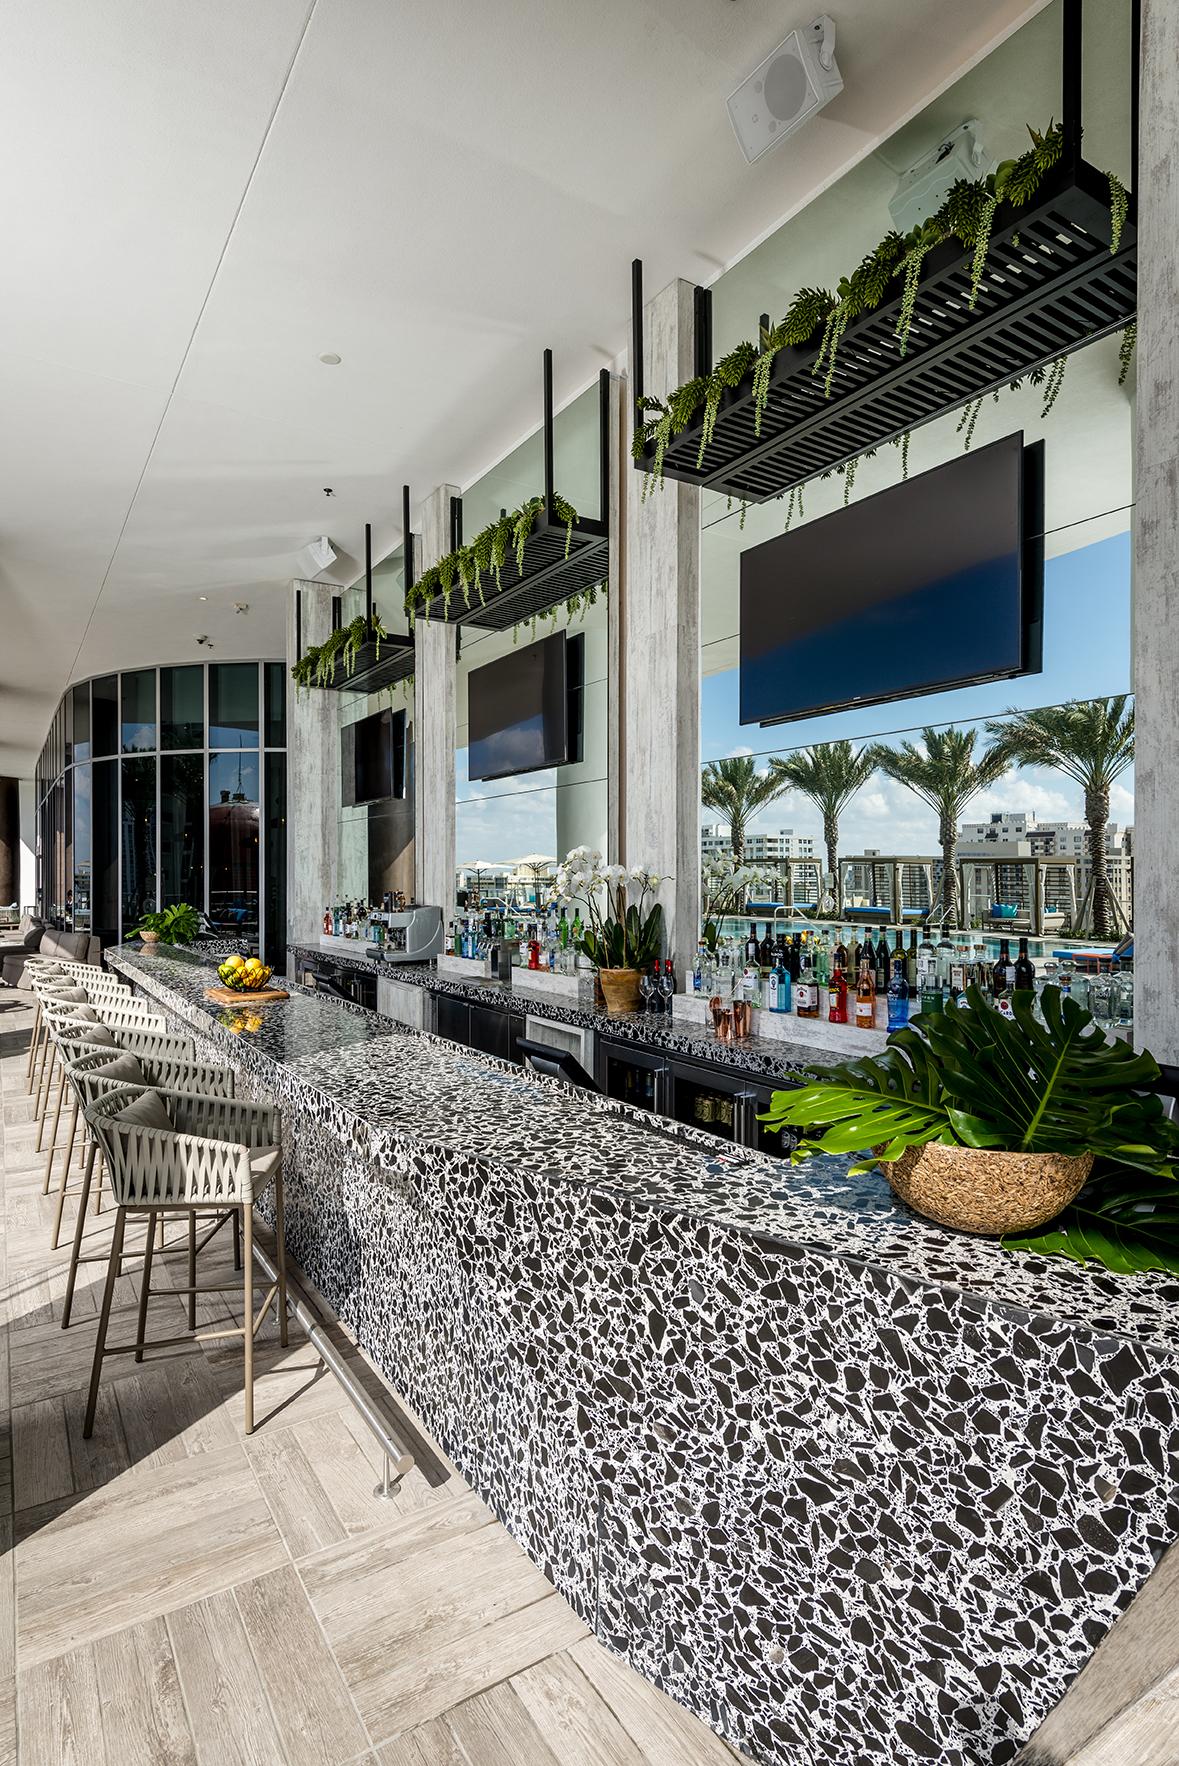 Terrazas Oceanfront Dining Cocktails